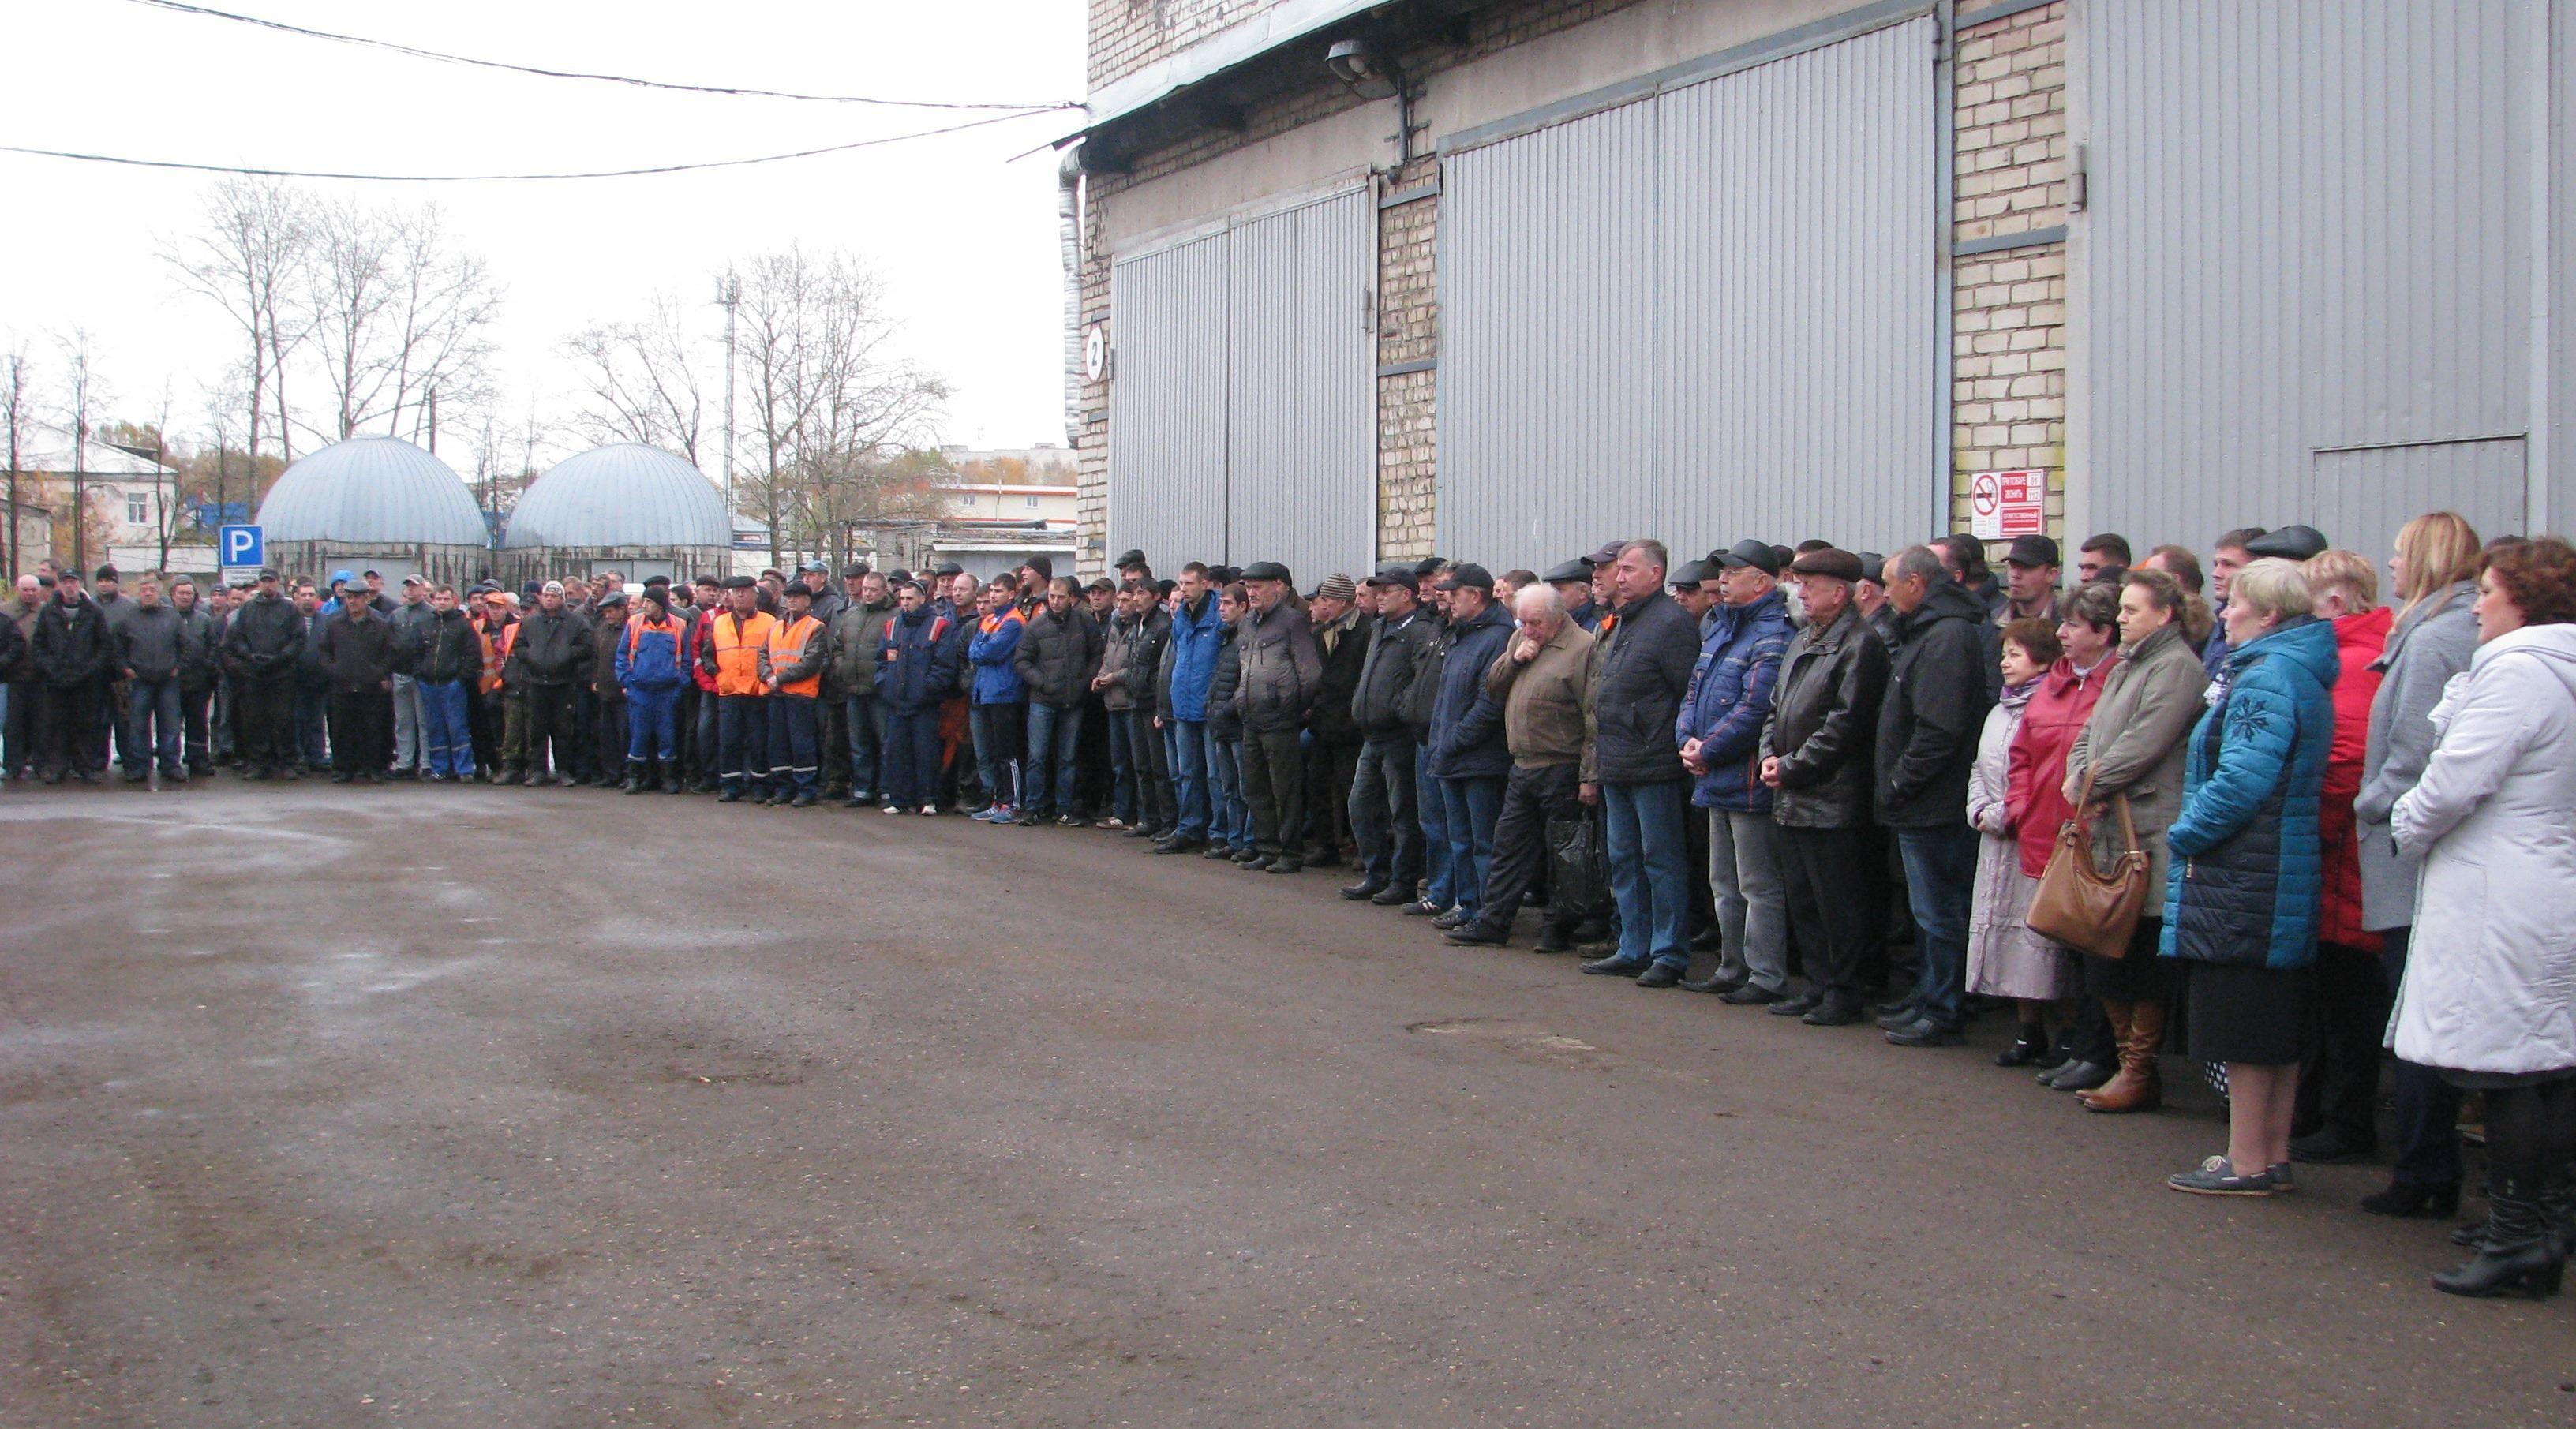 Руководитель Южного Урала поздравил граждан региона сДнем работников дорожного хозяйства